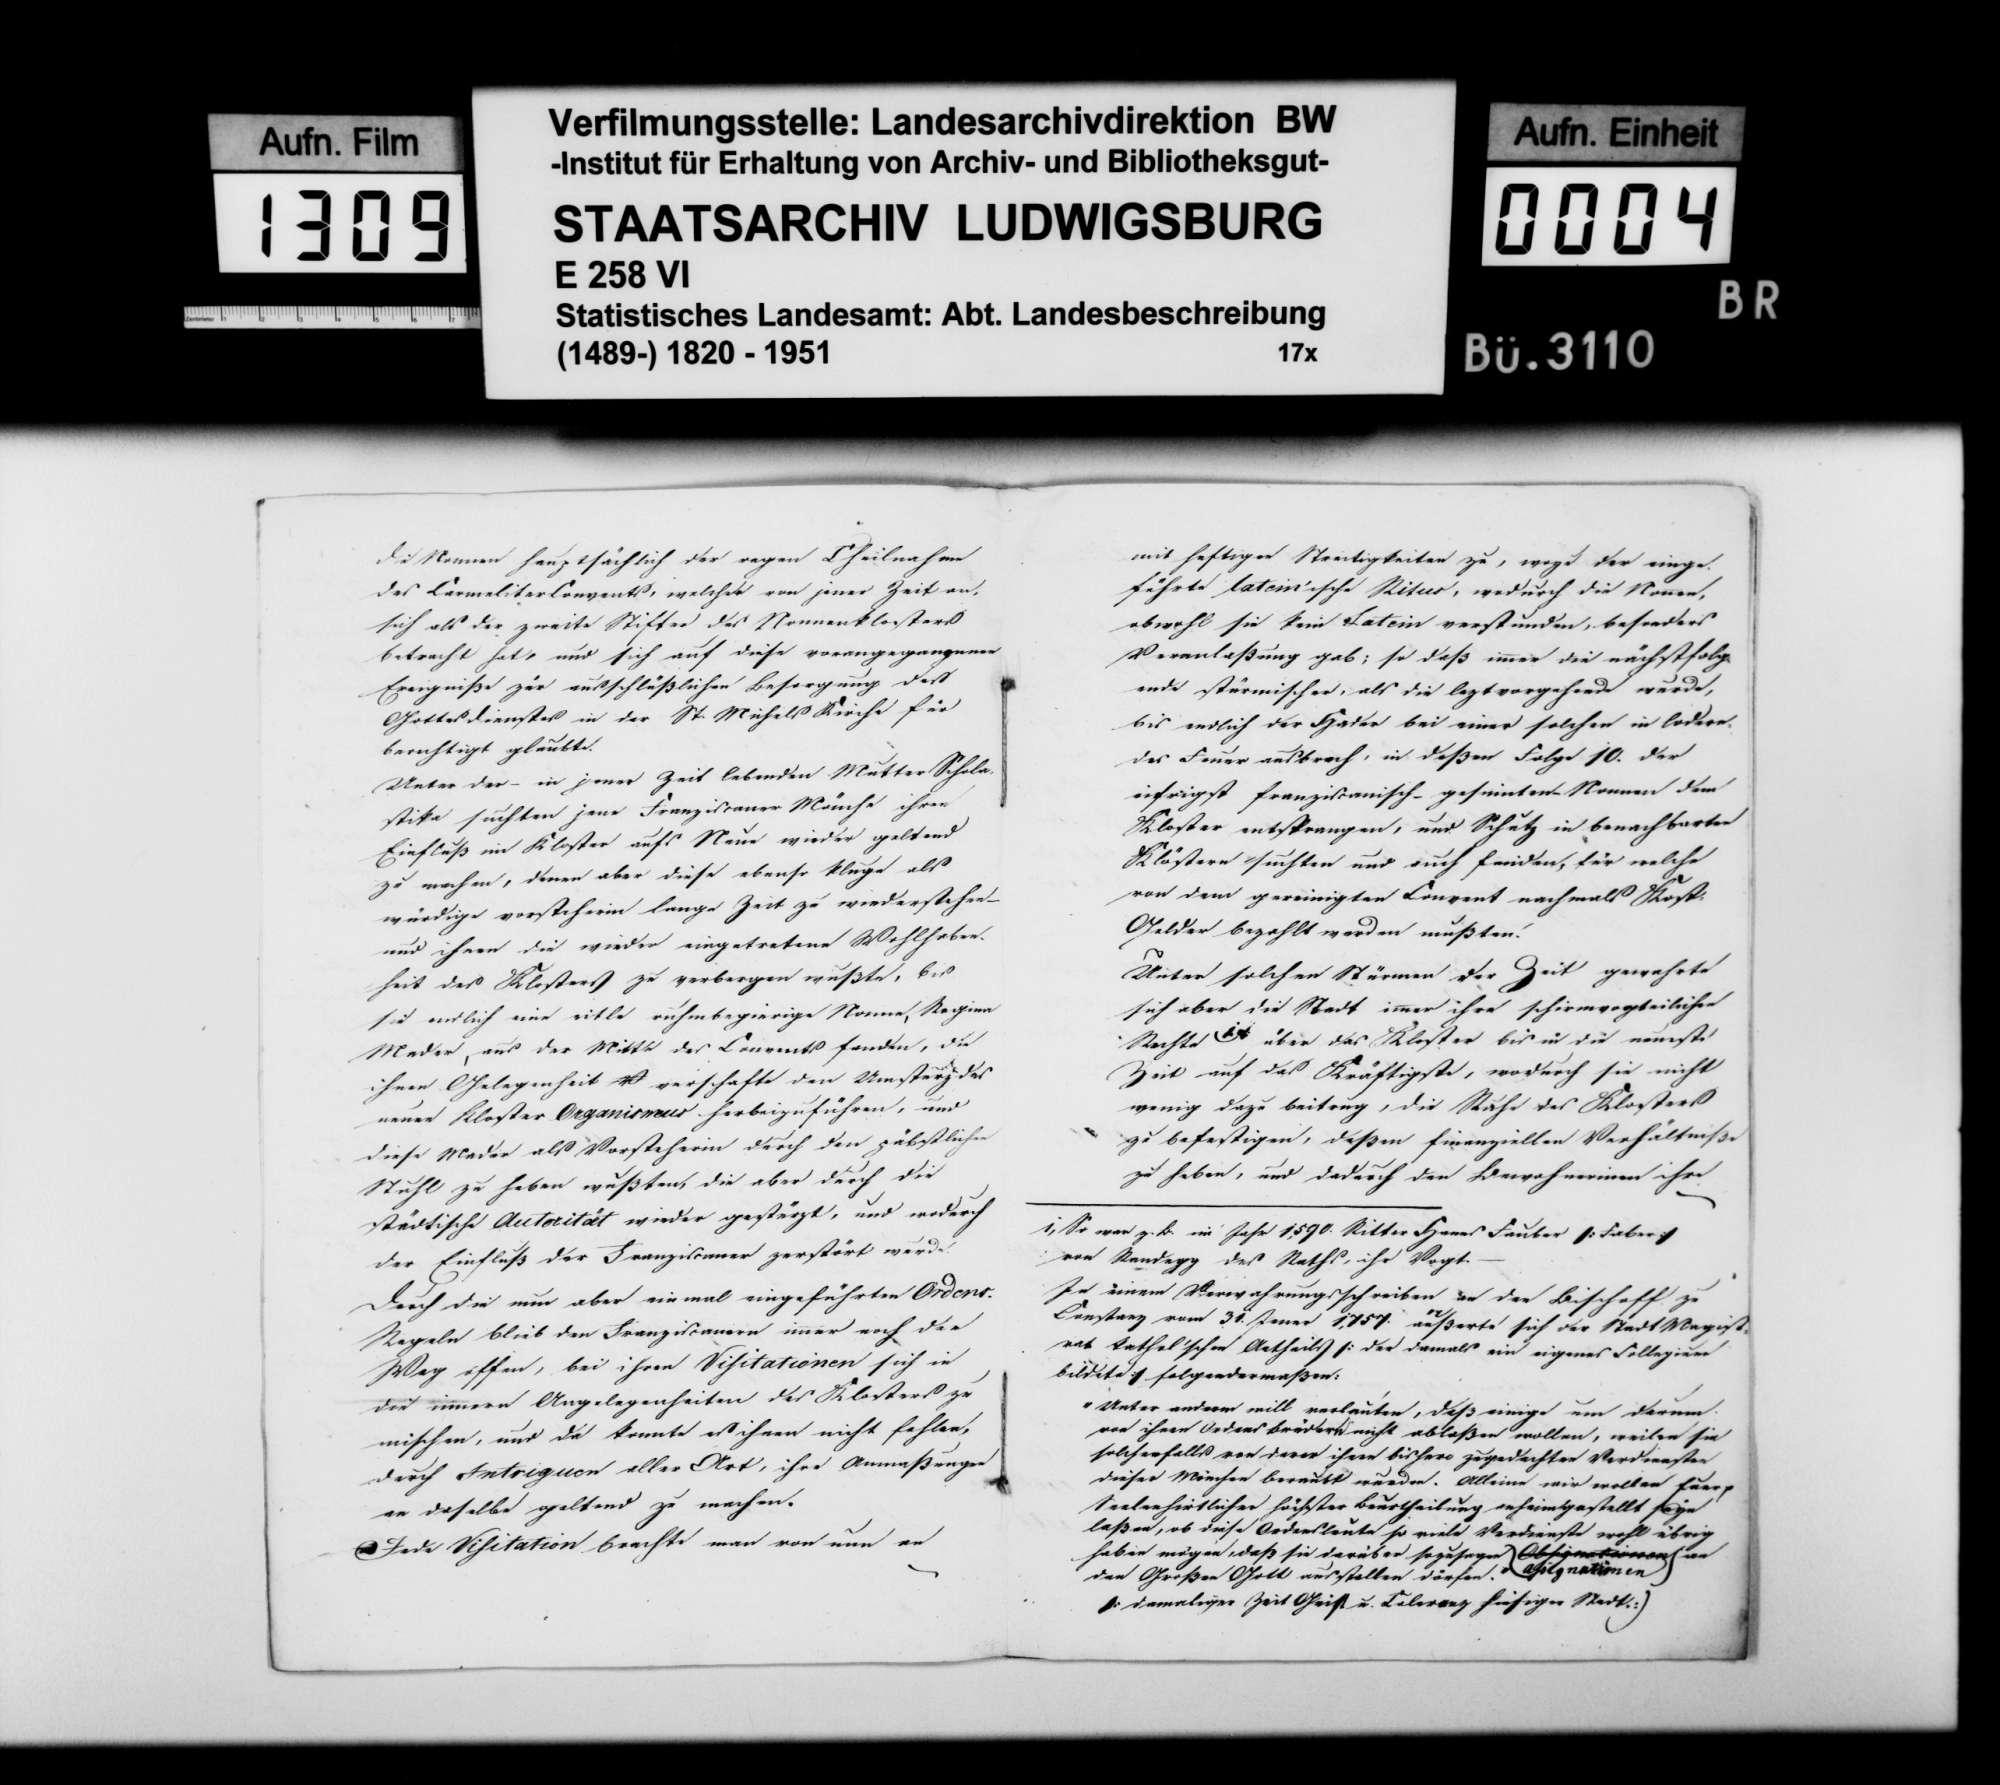 Das Franziskaner-Nonnenkloster in Ravensburg, aus Archivalien des Stadtarchivs und der Klosterregistratur erstellte Abhandlung des Verwaltungsaktuars Gutermann aus Friedrichshafen, Bild 3